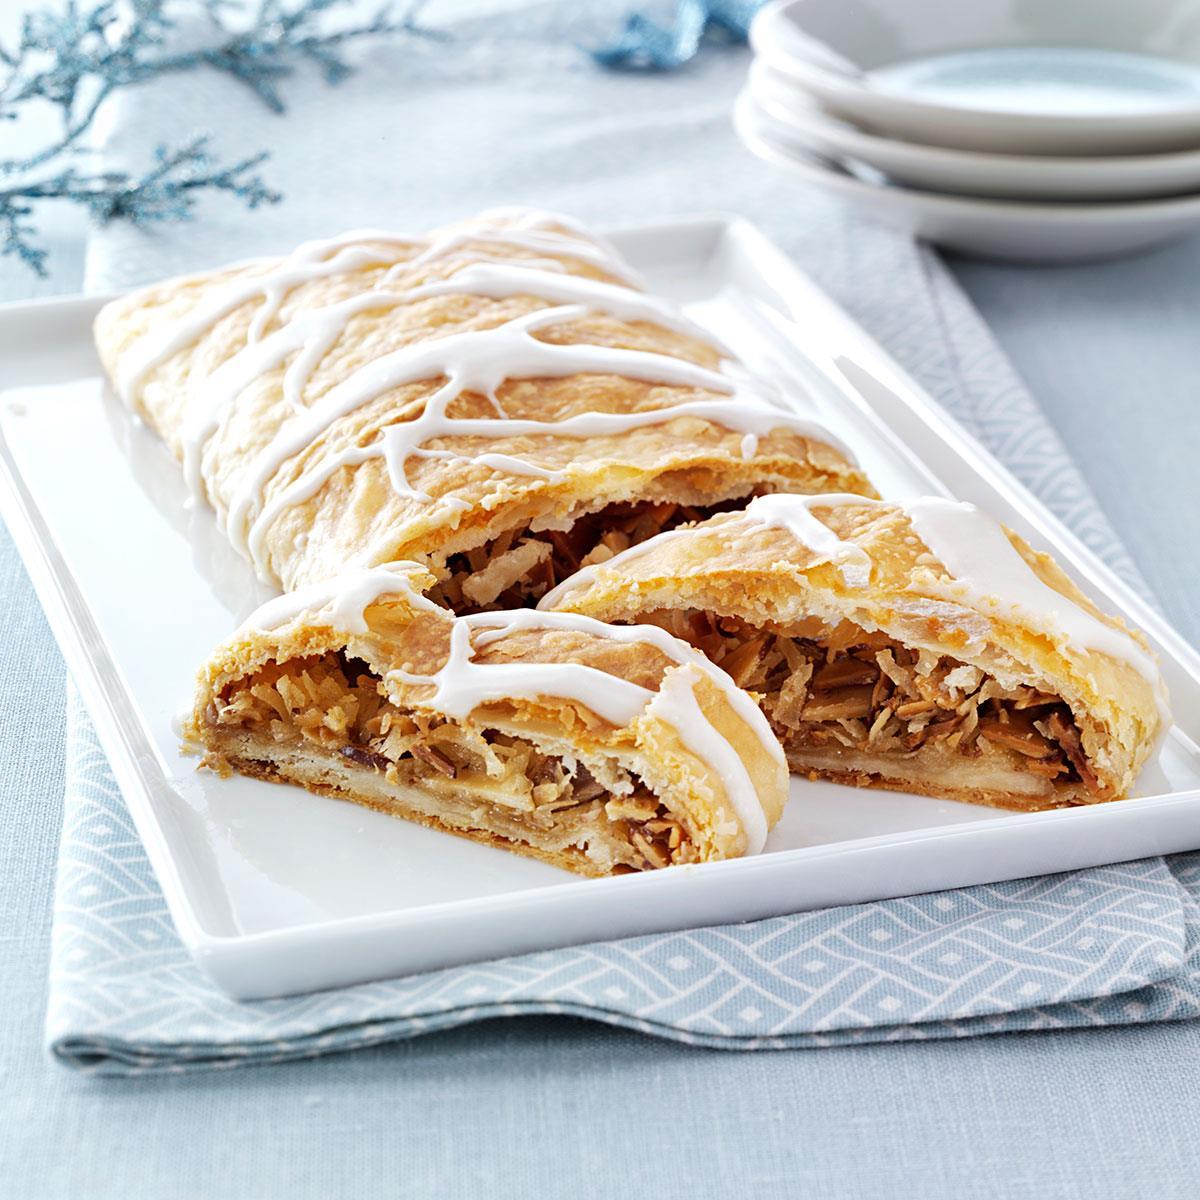 Kringles For Christmas.Almond Coconut Kringles